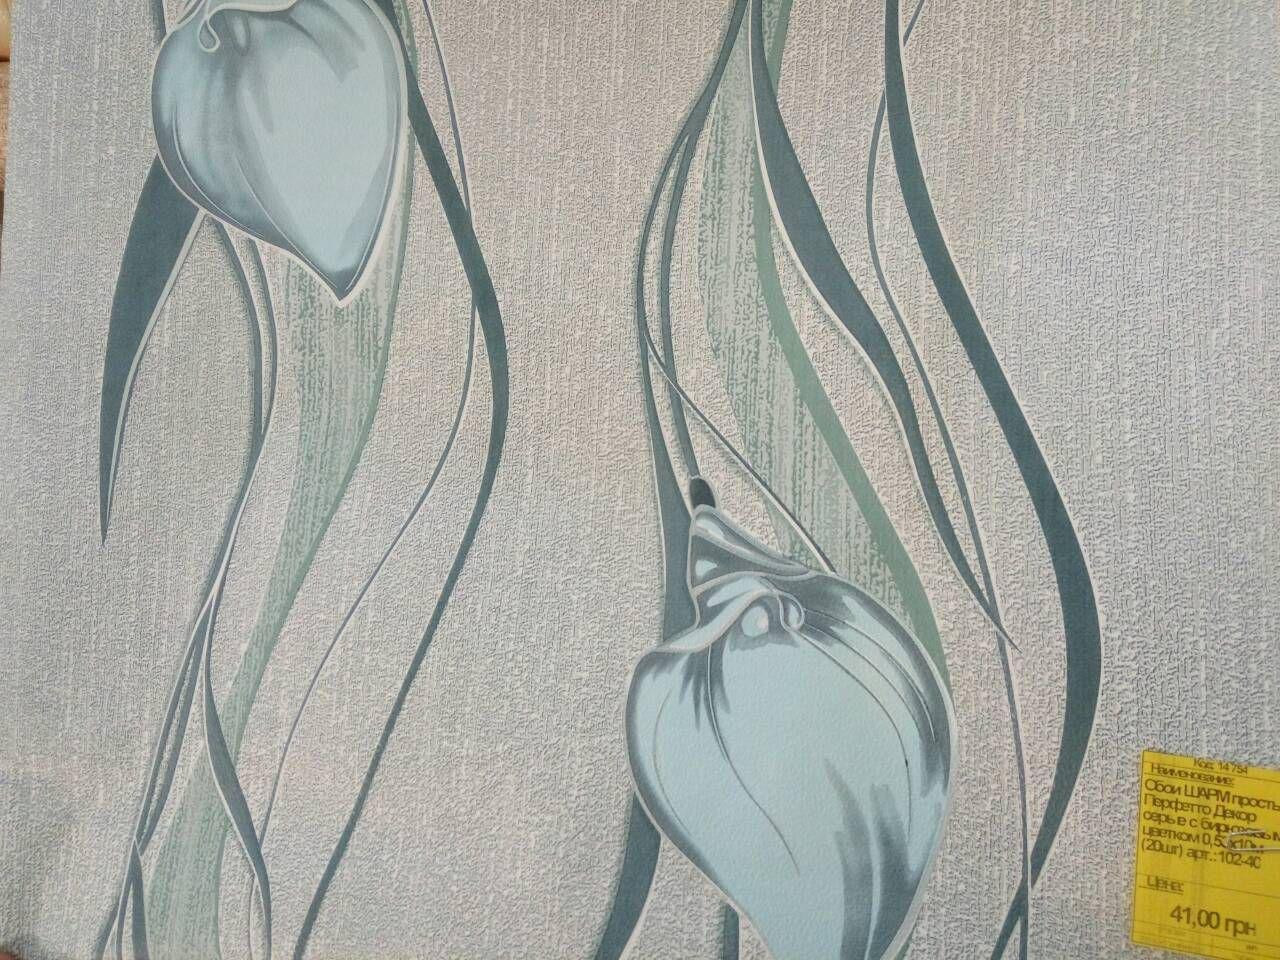 Обои ШАРМ простые Перфетто Декор серые с бирюзовым цветком 0,53х10м (20шт)